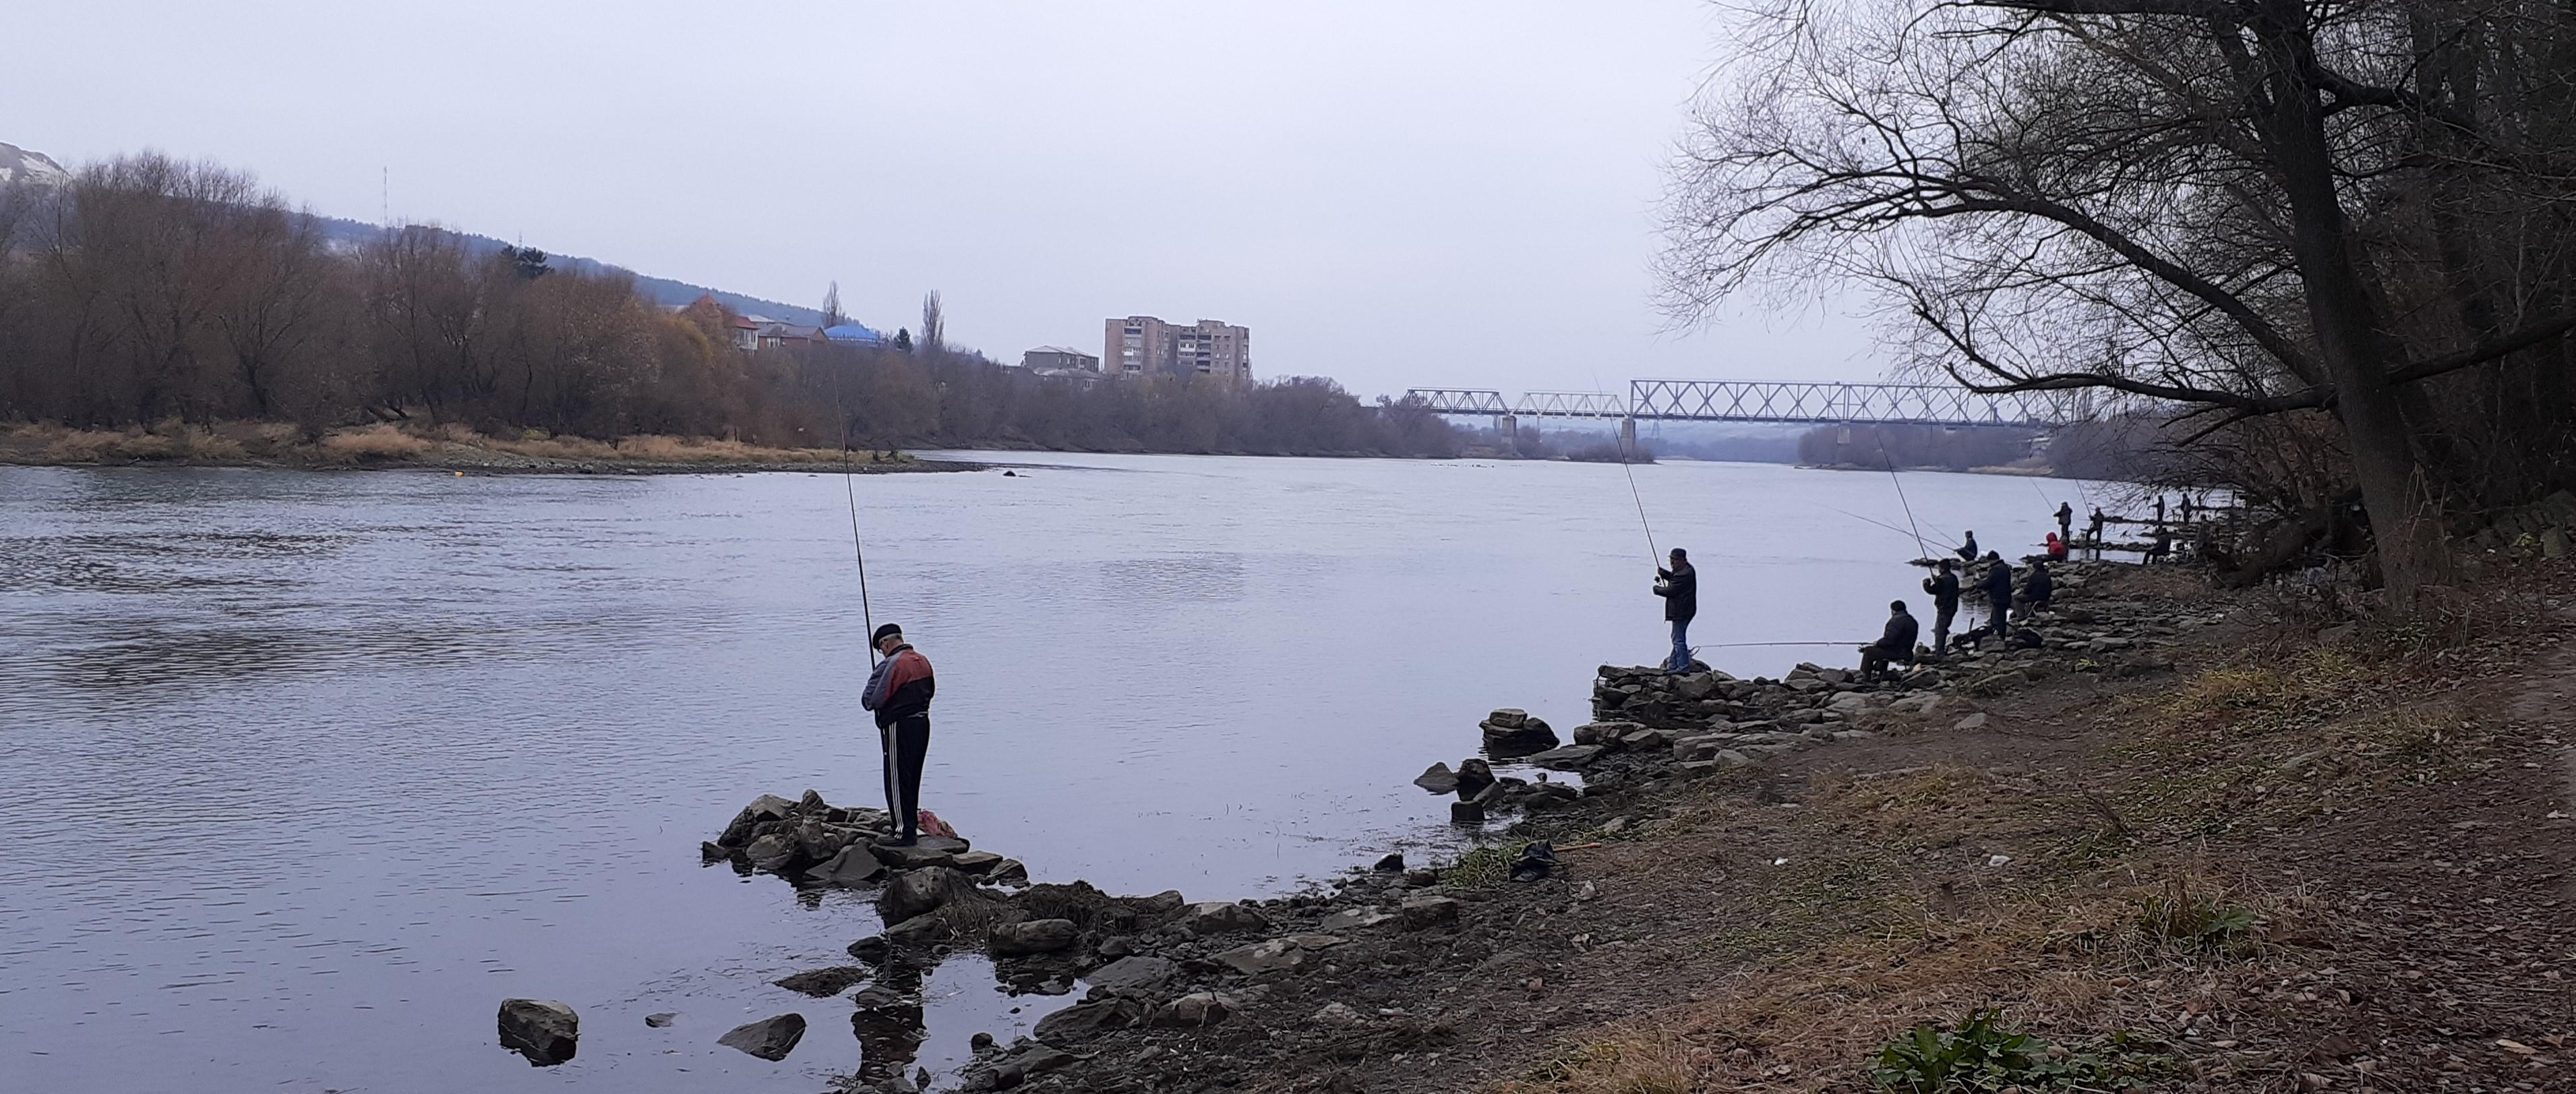 Pescuitul în Nistru, lângă orașul Moghiliov-Podolsk, Ucraina. Sursa: anticoruptie.md